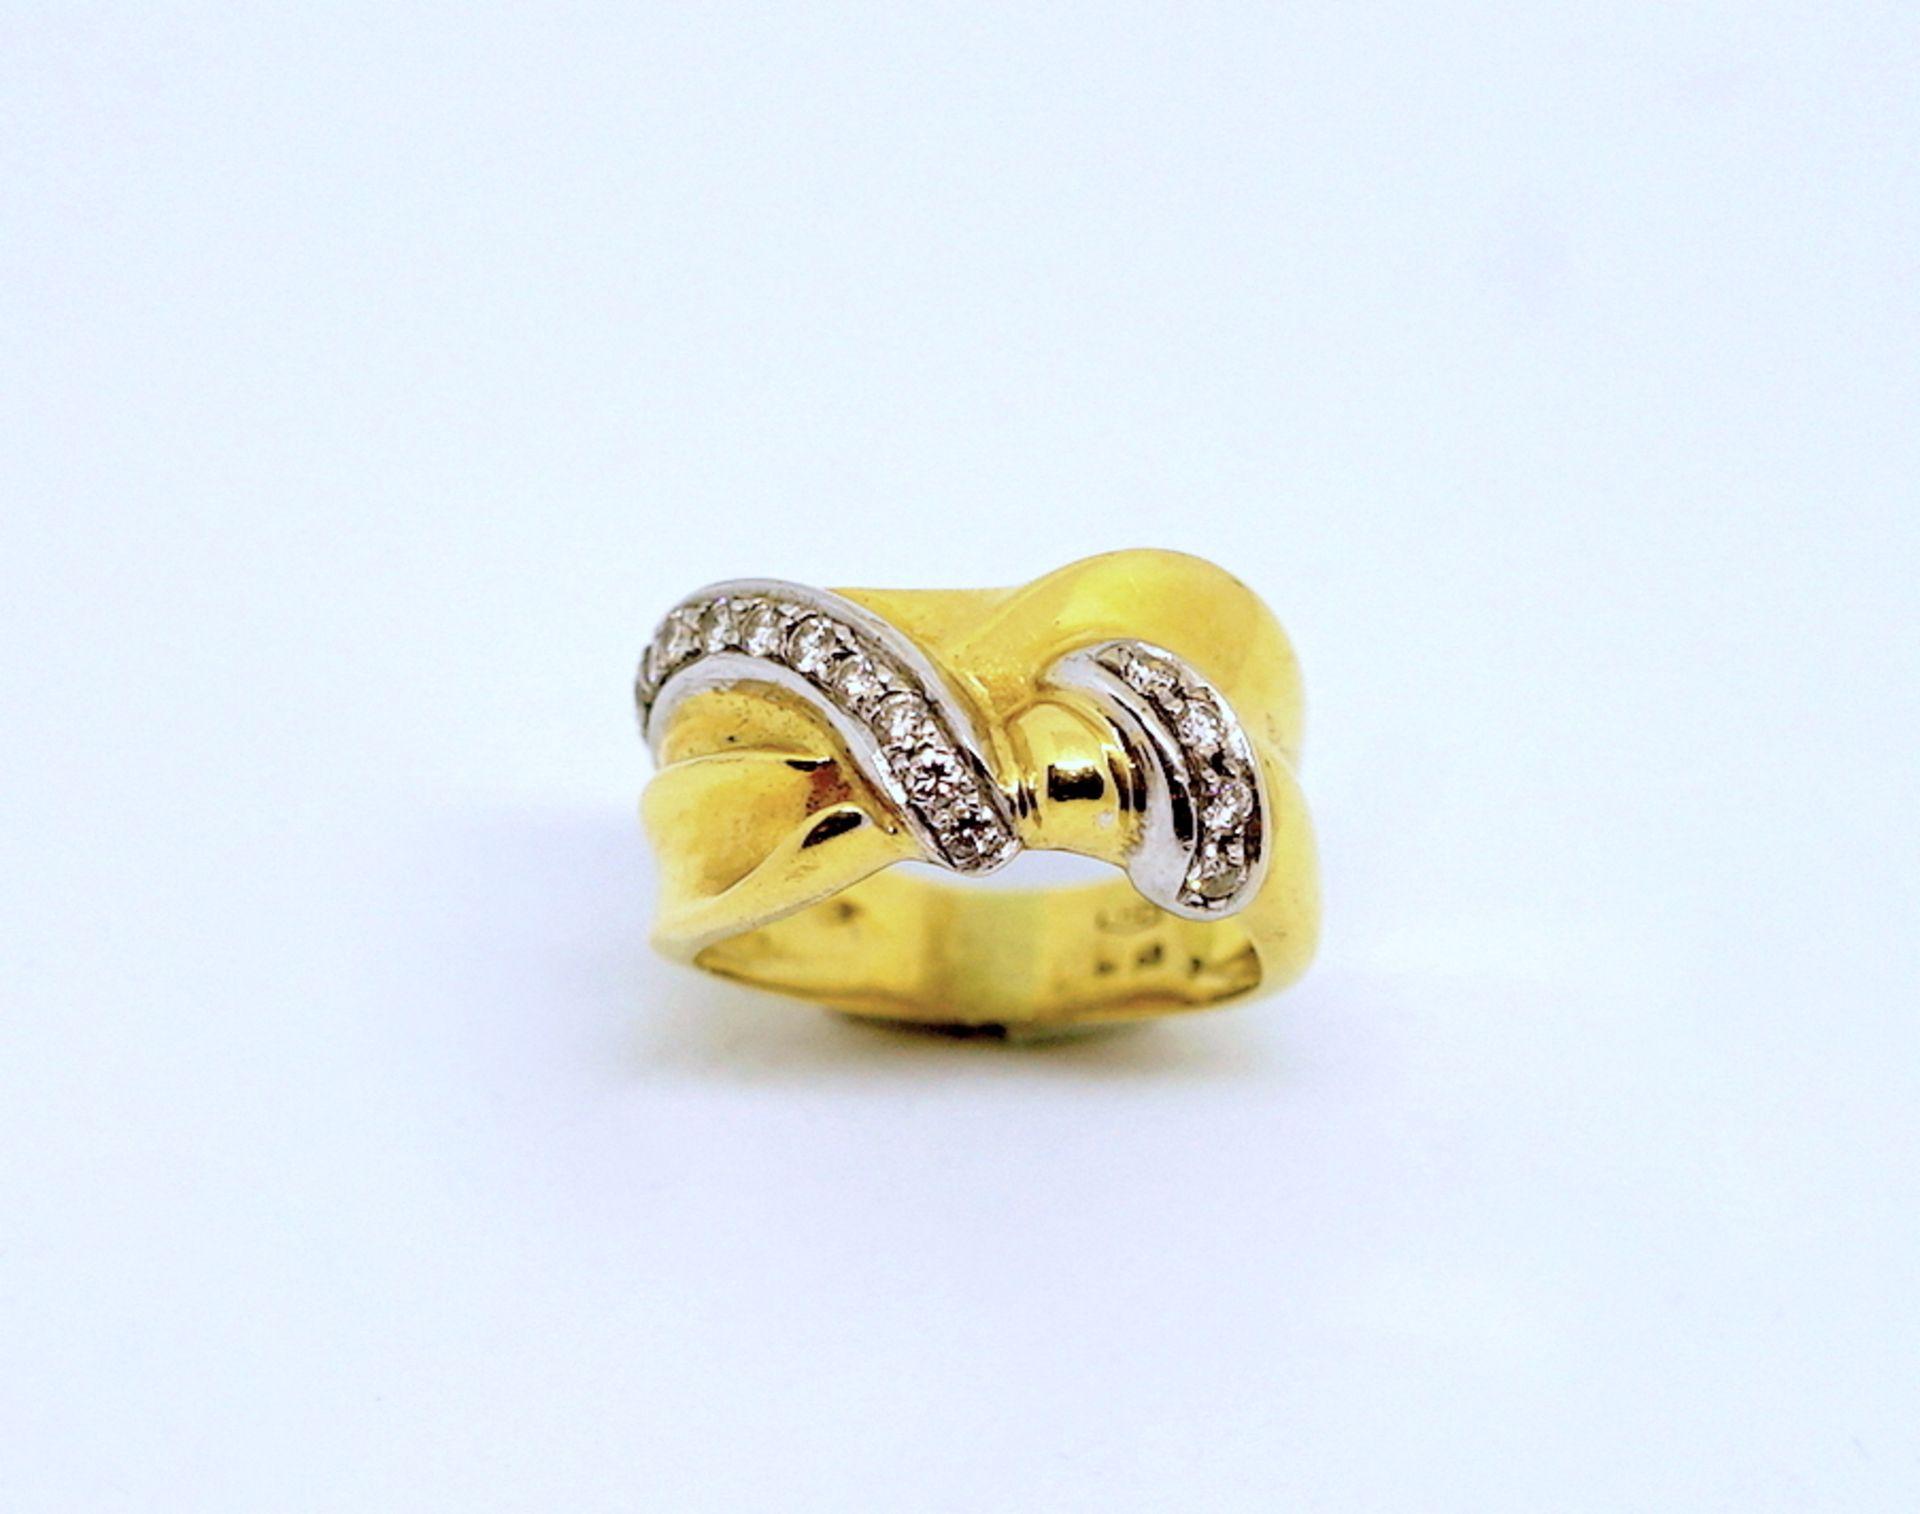 Massiver Damenring18 K Gelbgold. Knotenförmiger Damenring besetzt mit zus. ca. 0,40 c